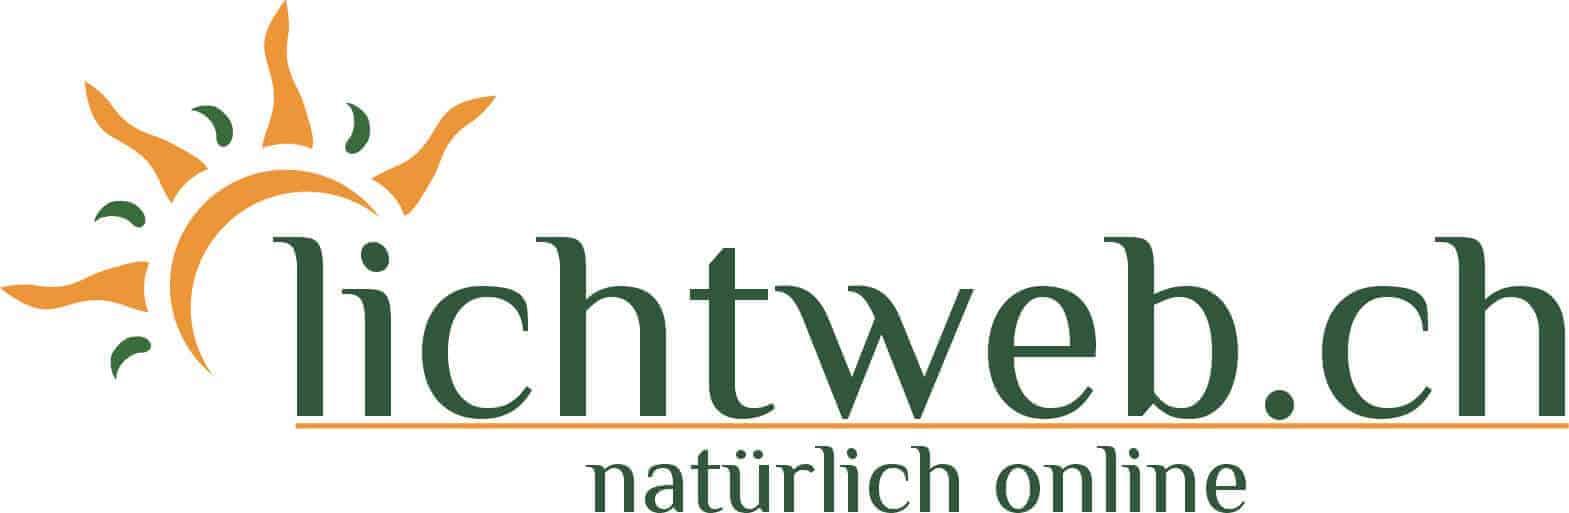 Karin Zeilinger - lichtweb.ch